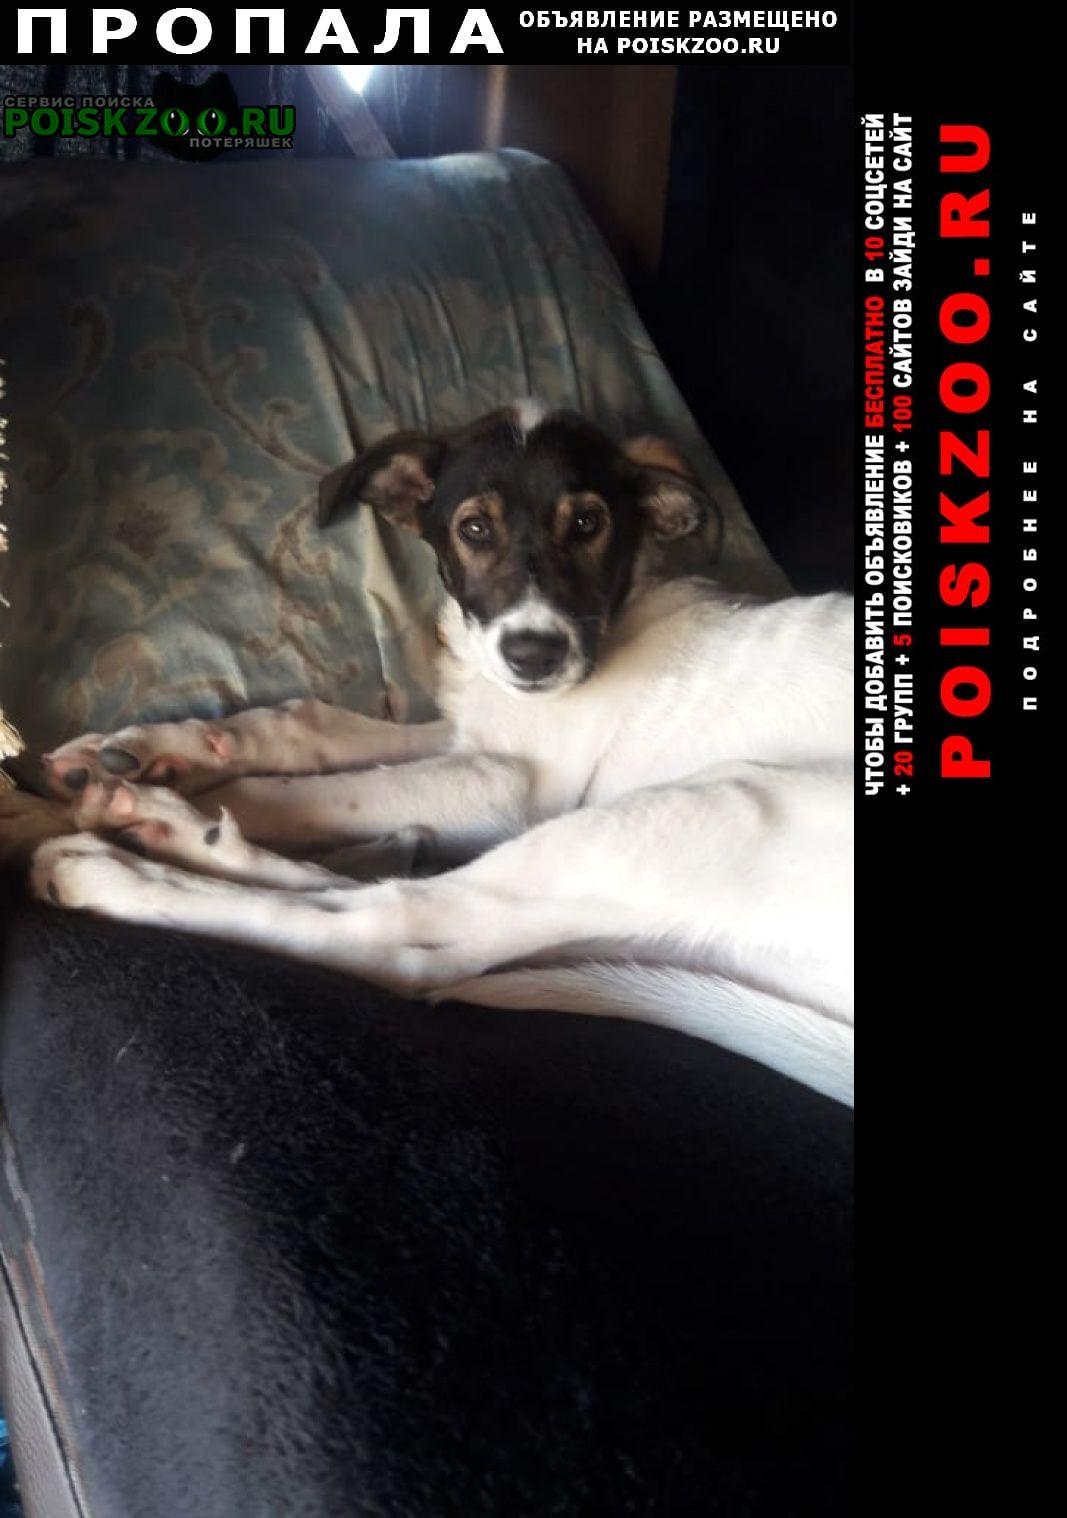 Пропала собака за вознограждение Моршанск